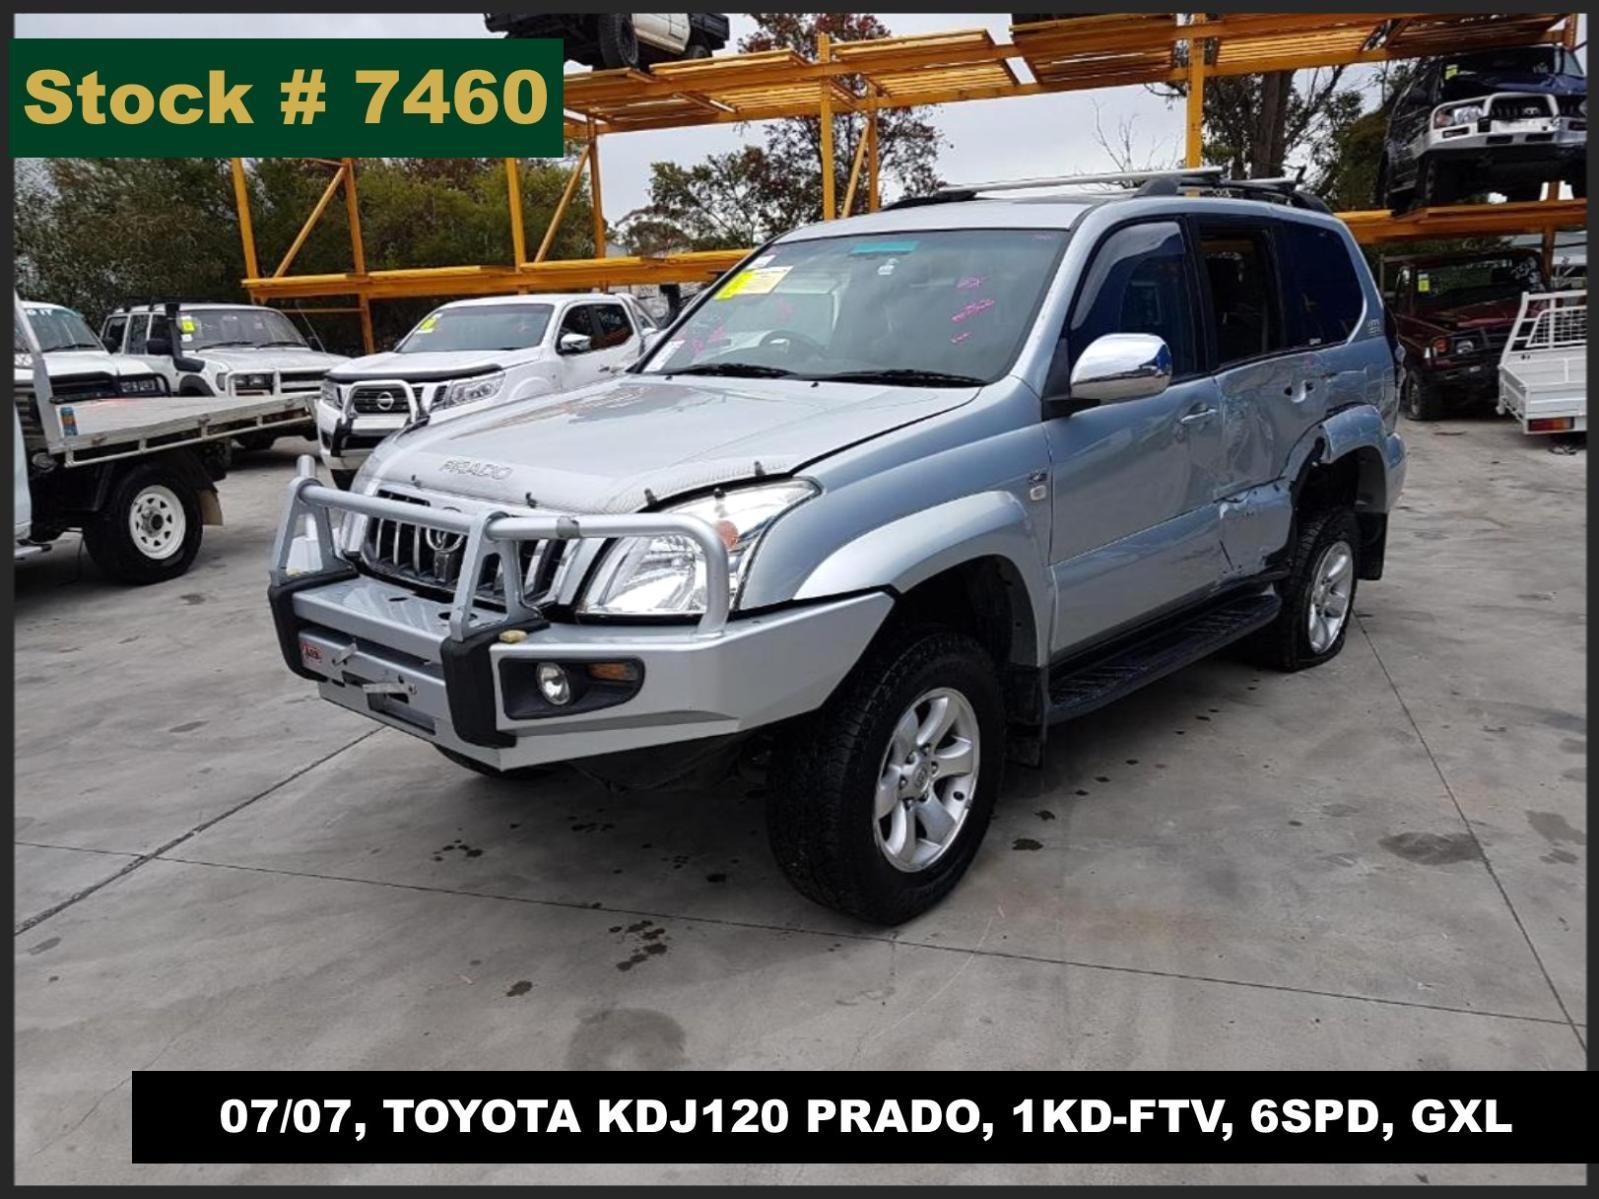 Image for a Toyota Prado 2007 4 Door Station Wagon